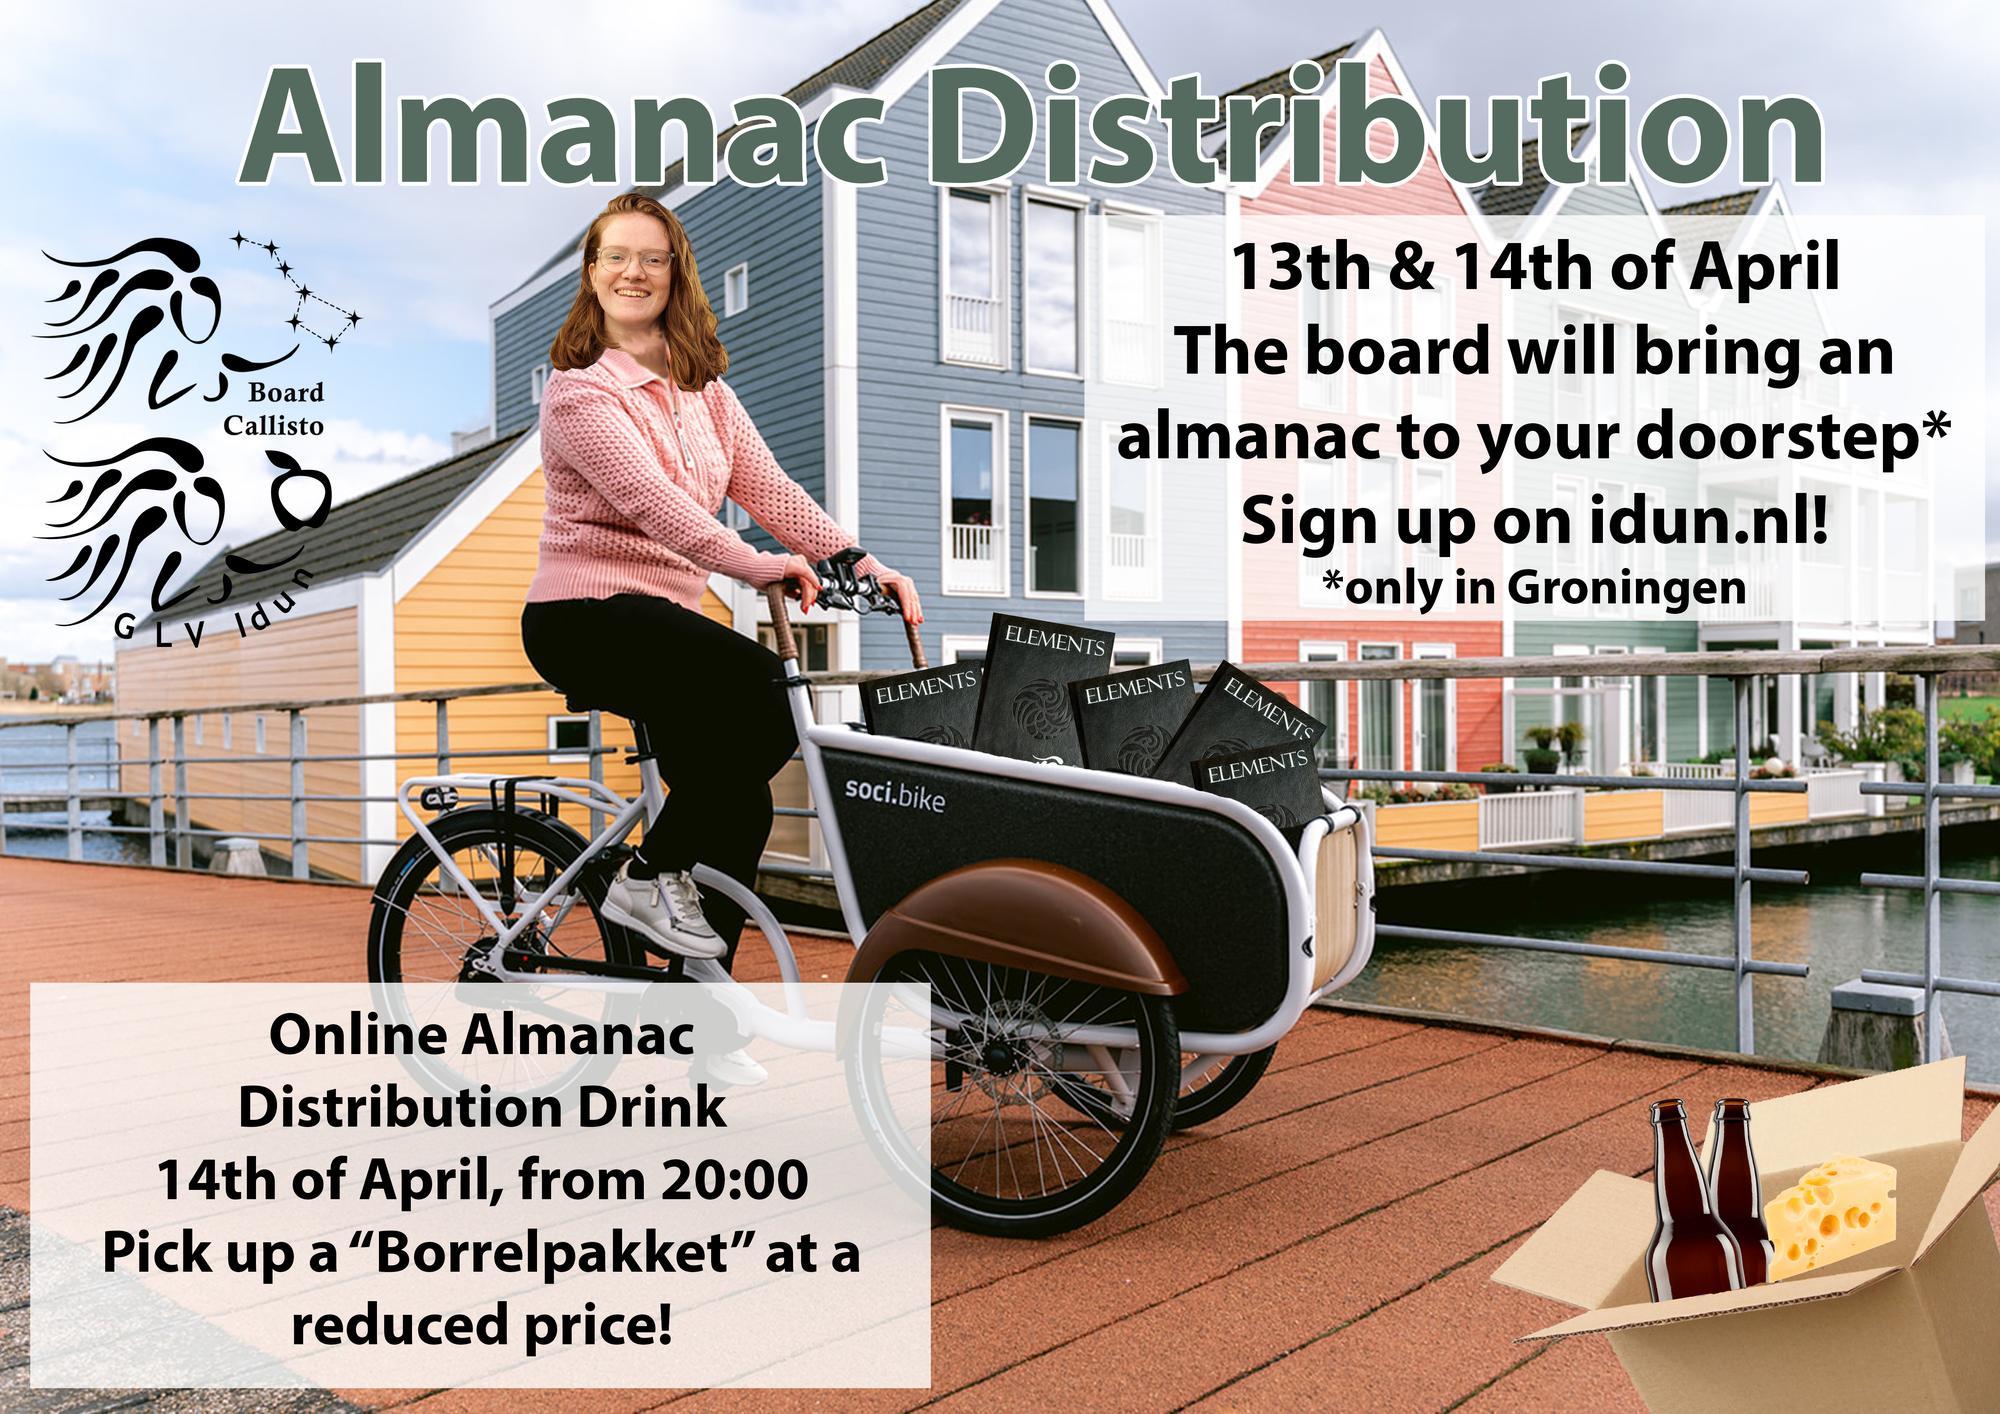 Almanac distribution